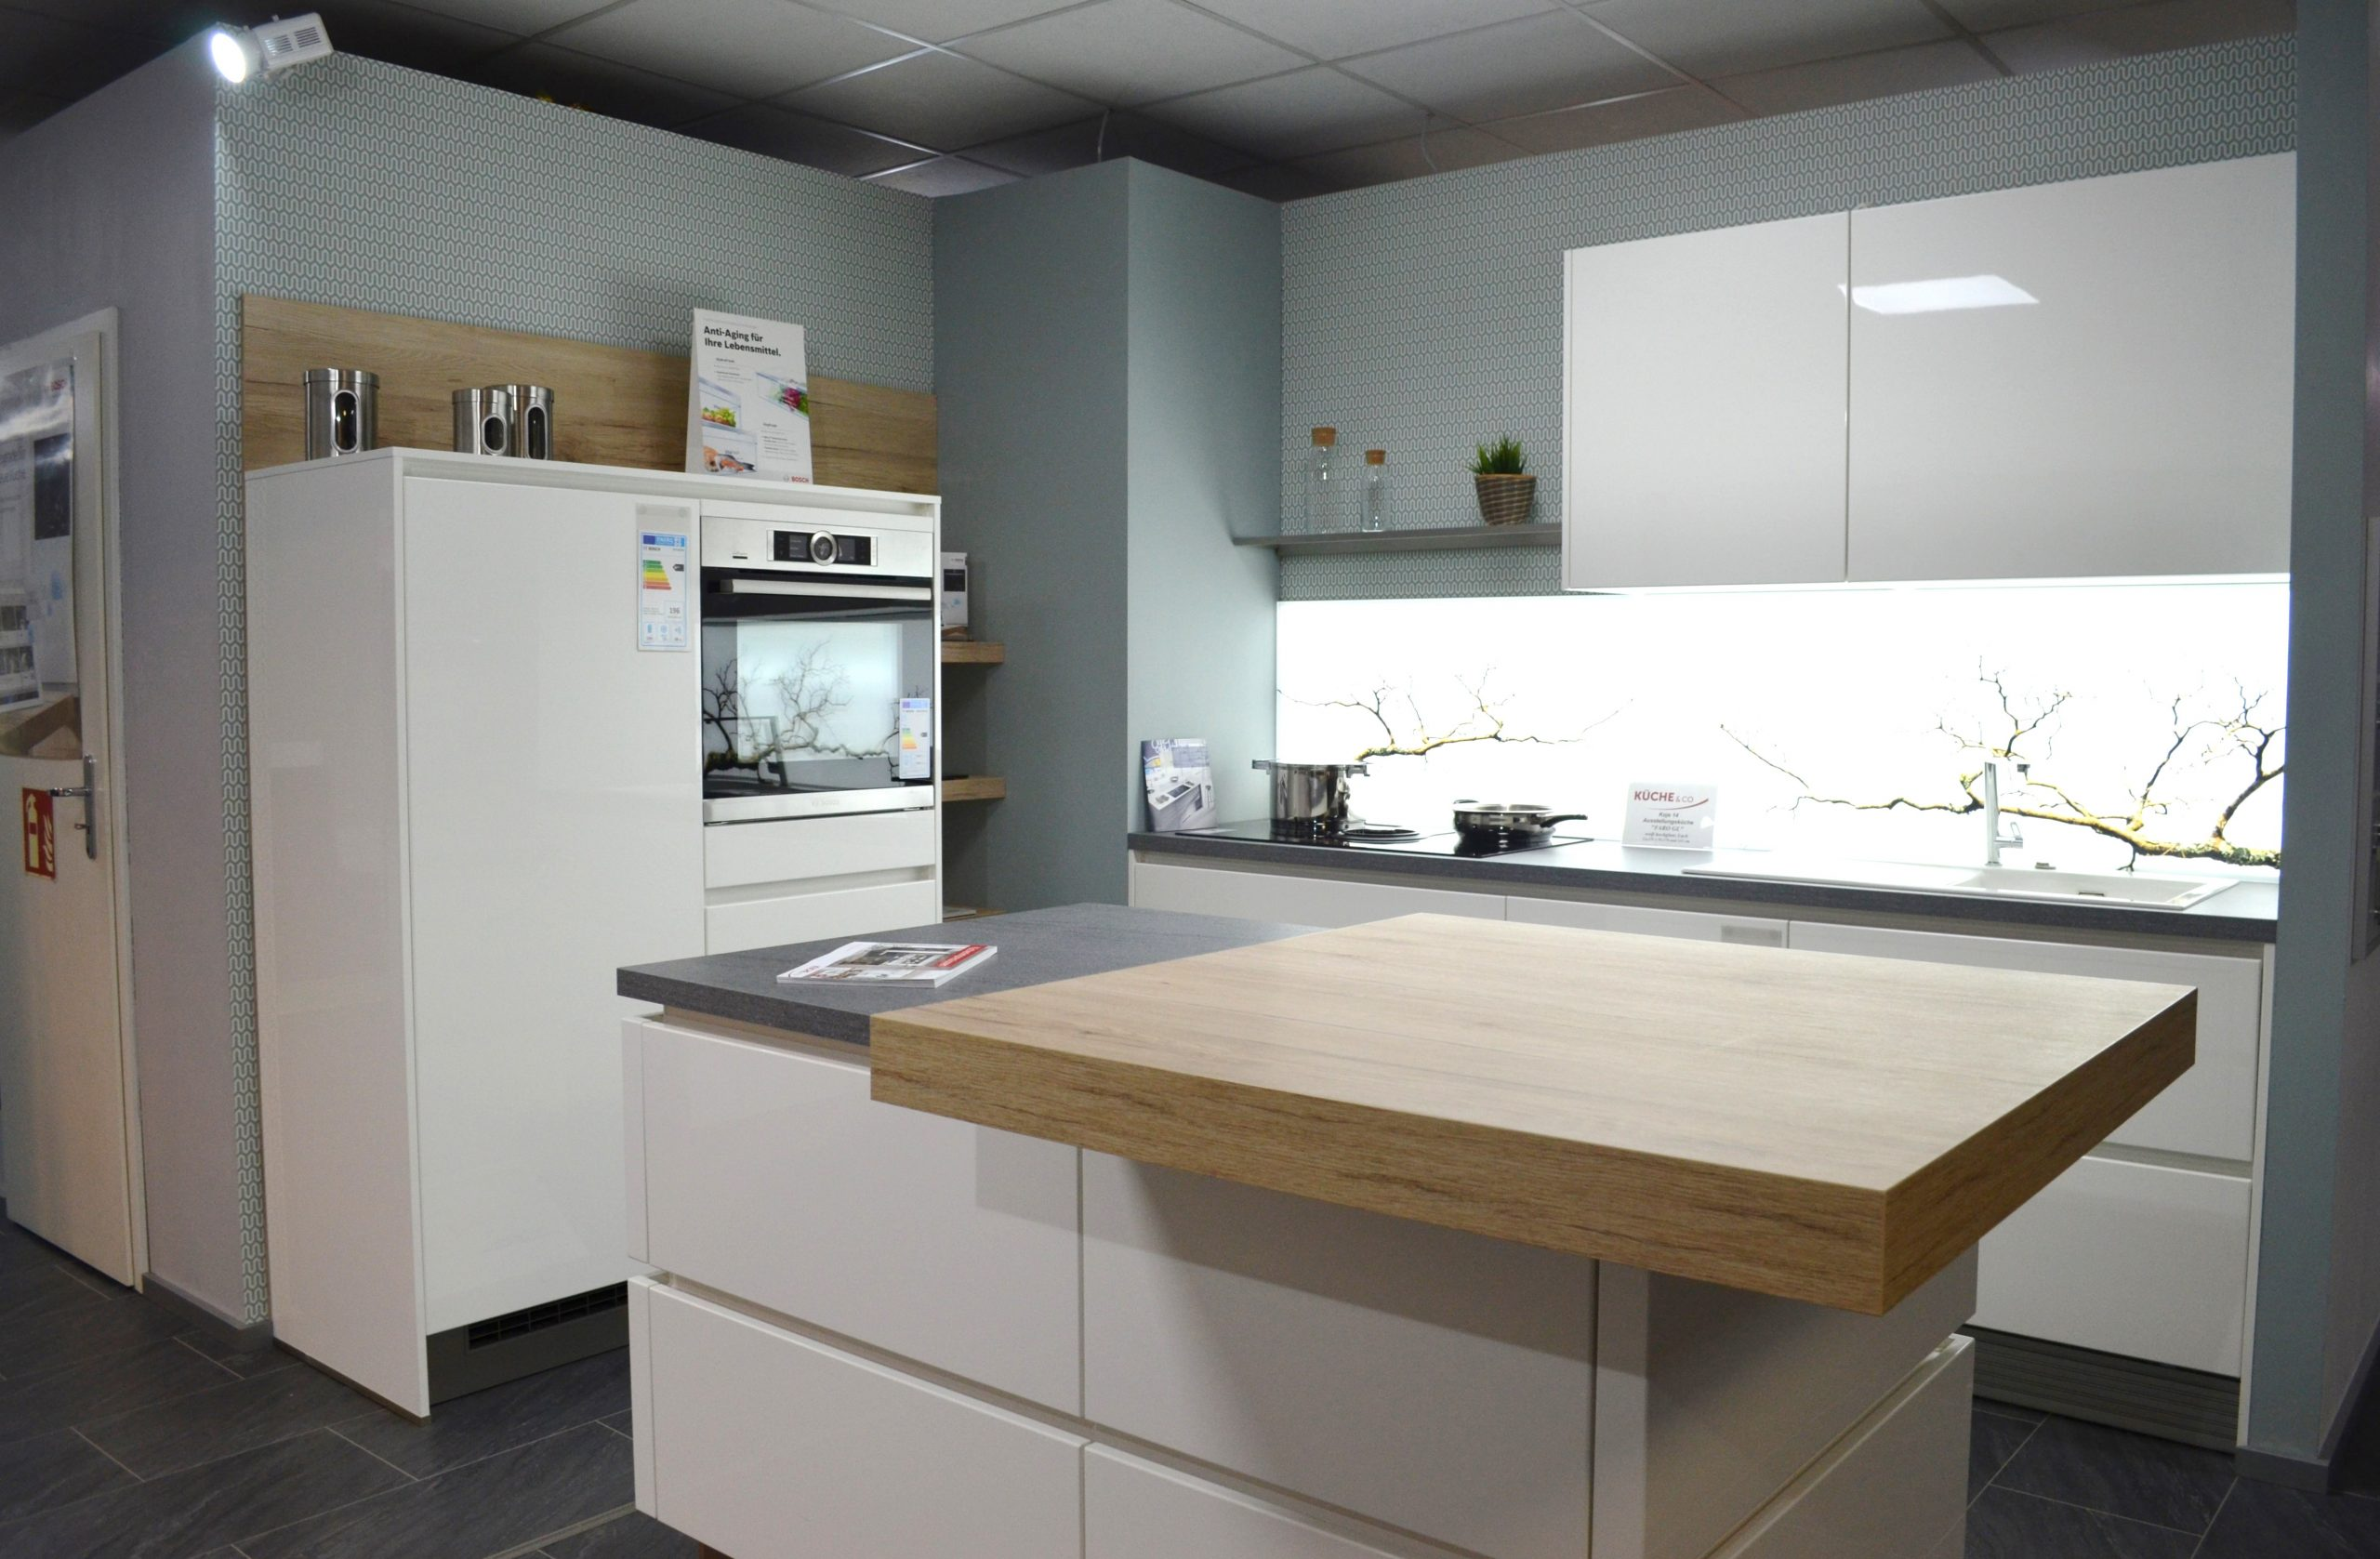 Full Size of Küchen Kchenstudio Siegen Kcheco Sofa Bezug Ecksofa Mit Betten Regal Wohnzimmer Otto Küchen